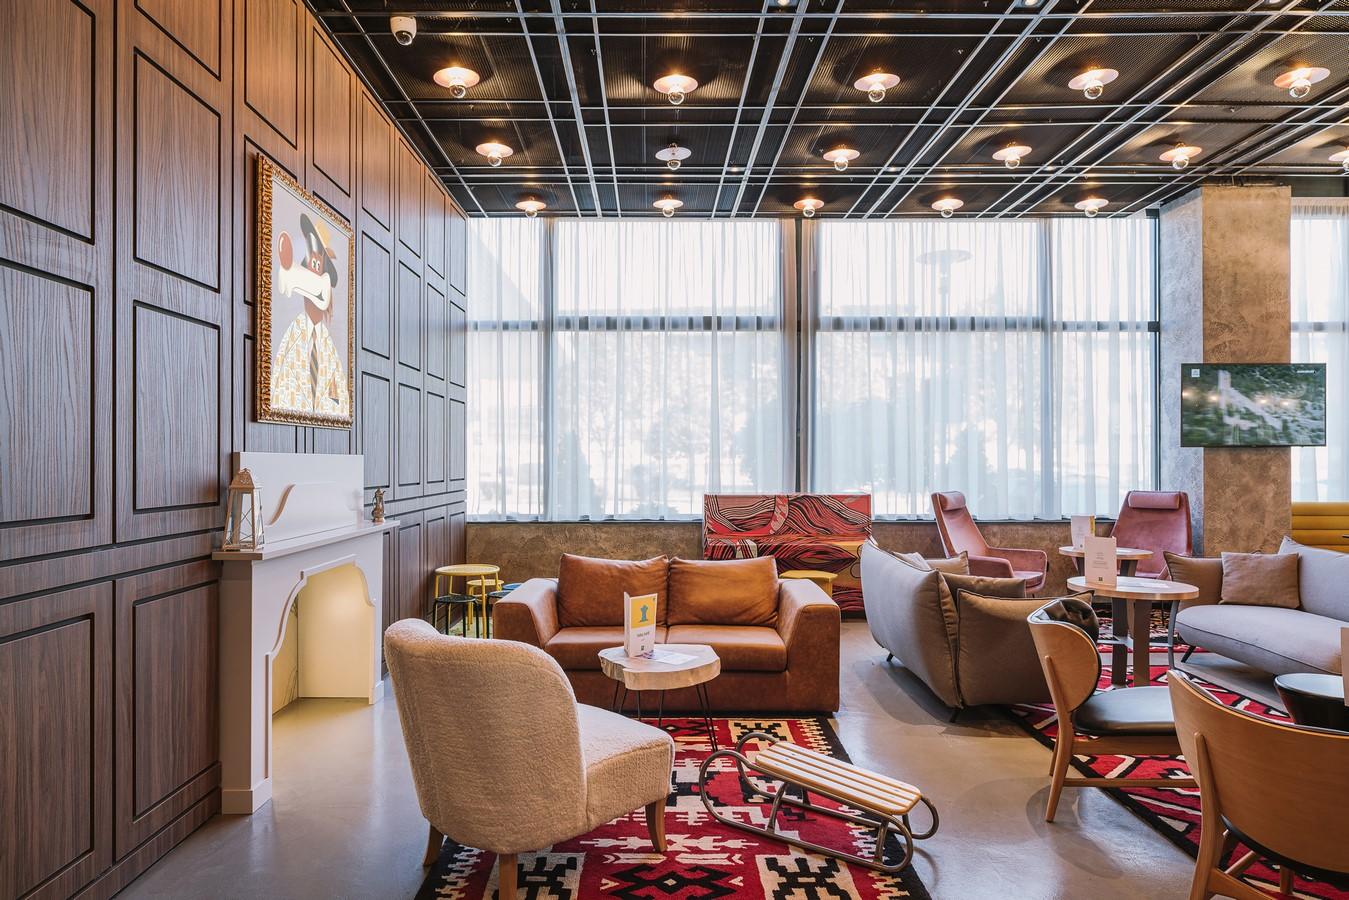 Hotel ibis Styles Sarajevo by MIXD - Sheet3